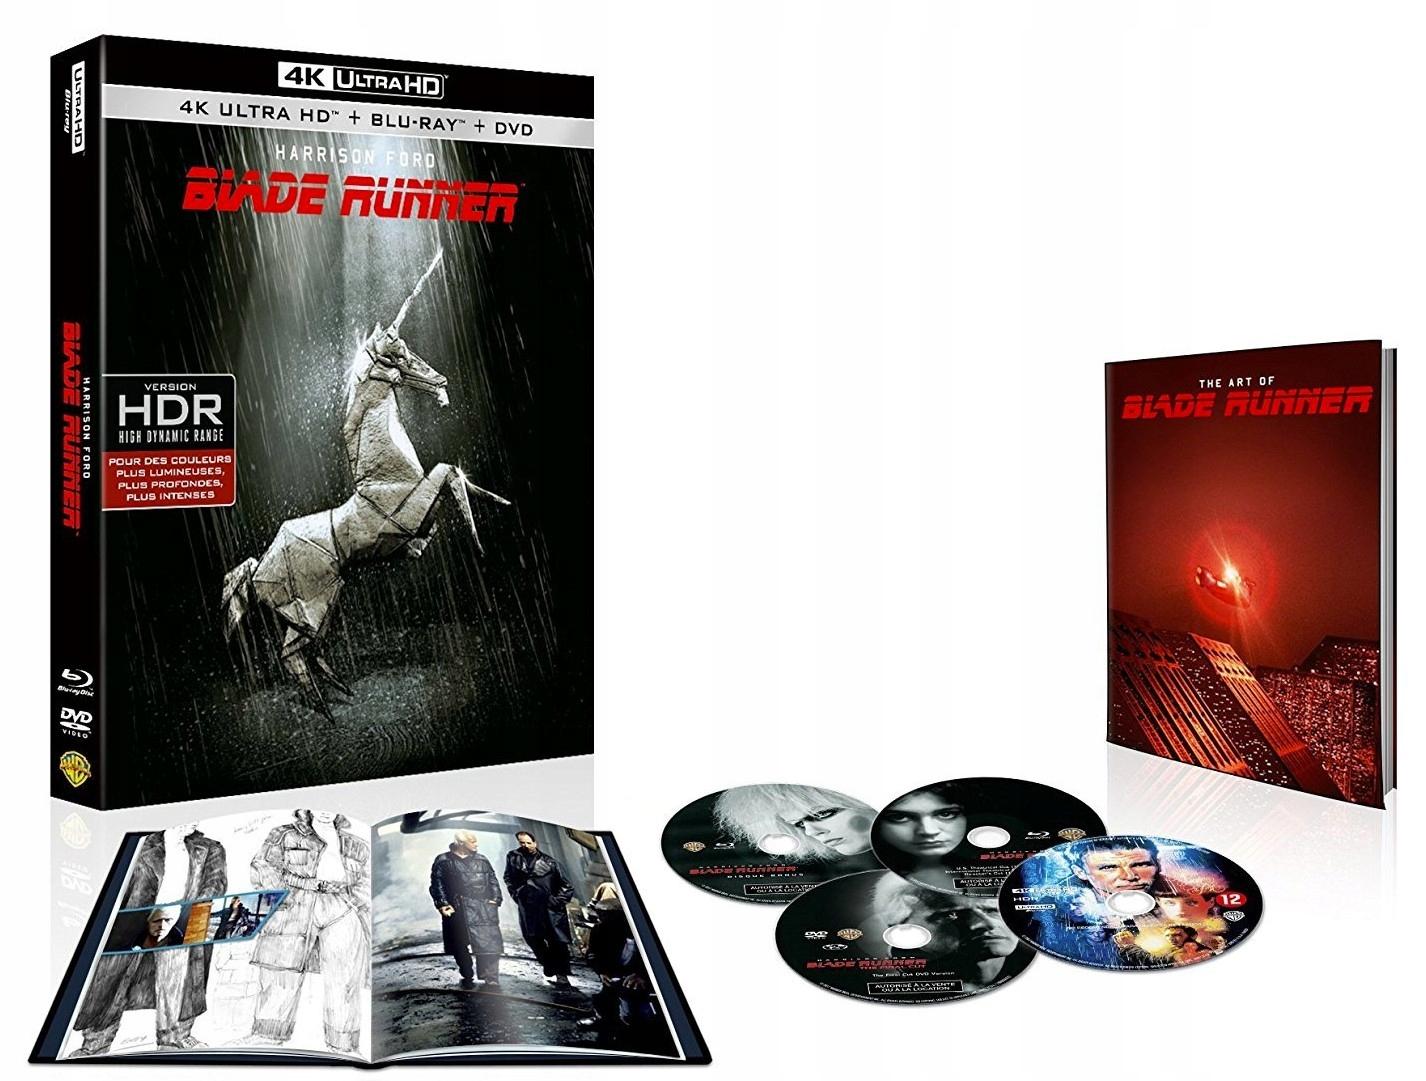 Łowca androidów / Blade Runner 4K UHD Blu-ray - PL